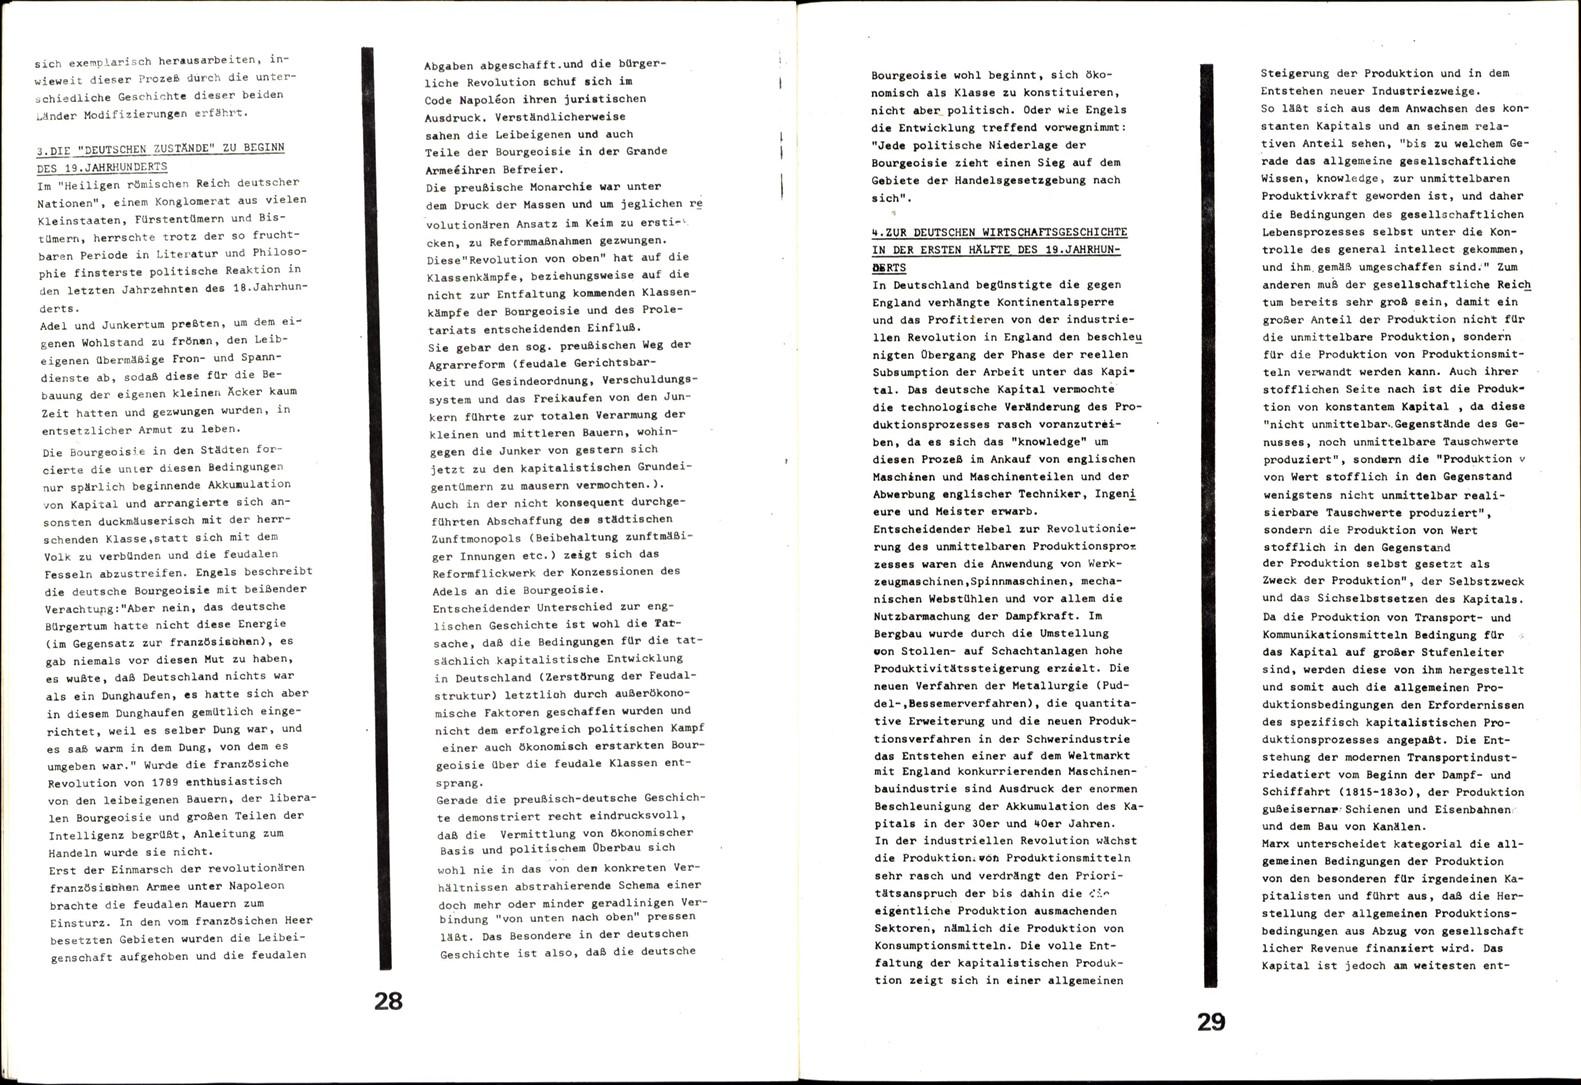 Proletarische_Front_1971_02_03_16